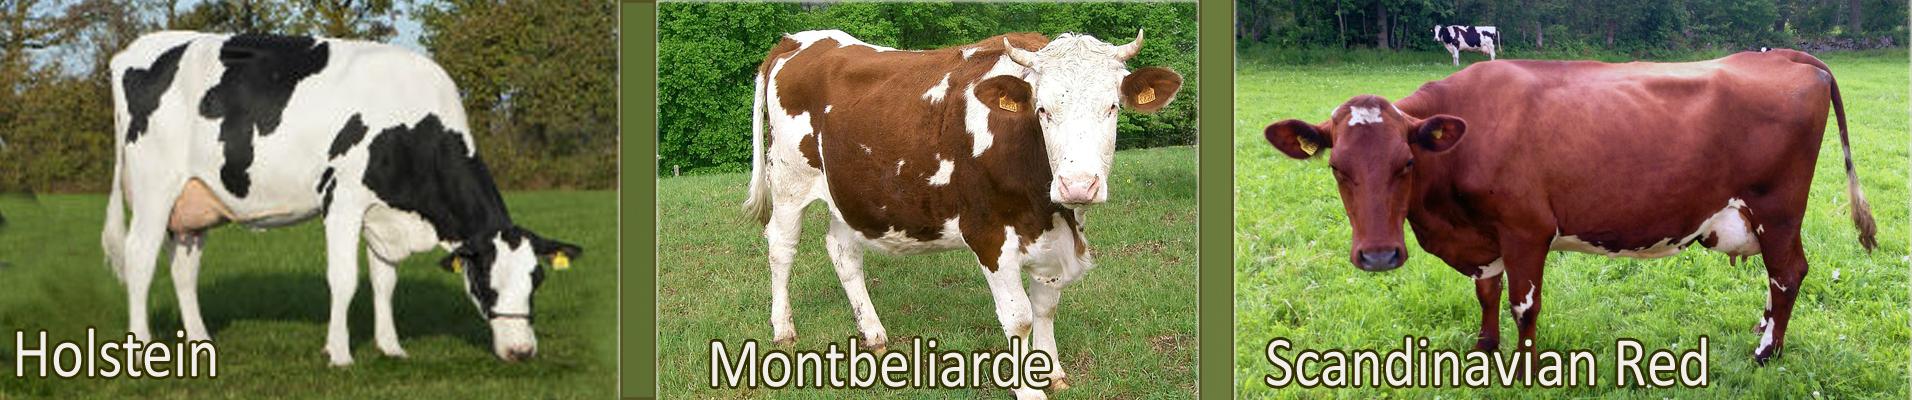 Holstein Montbeliarde ScandinavianRed